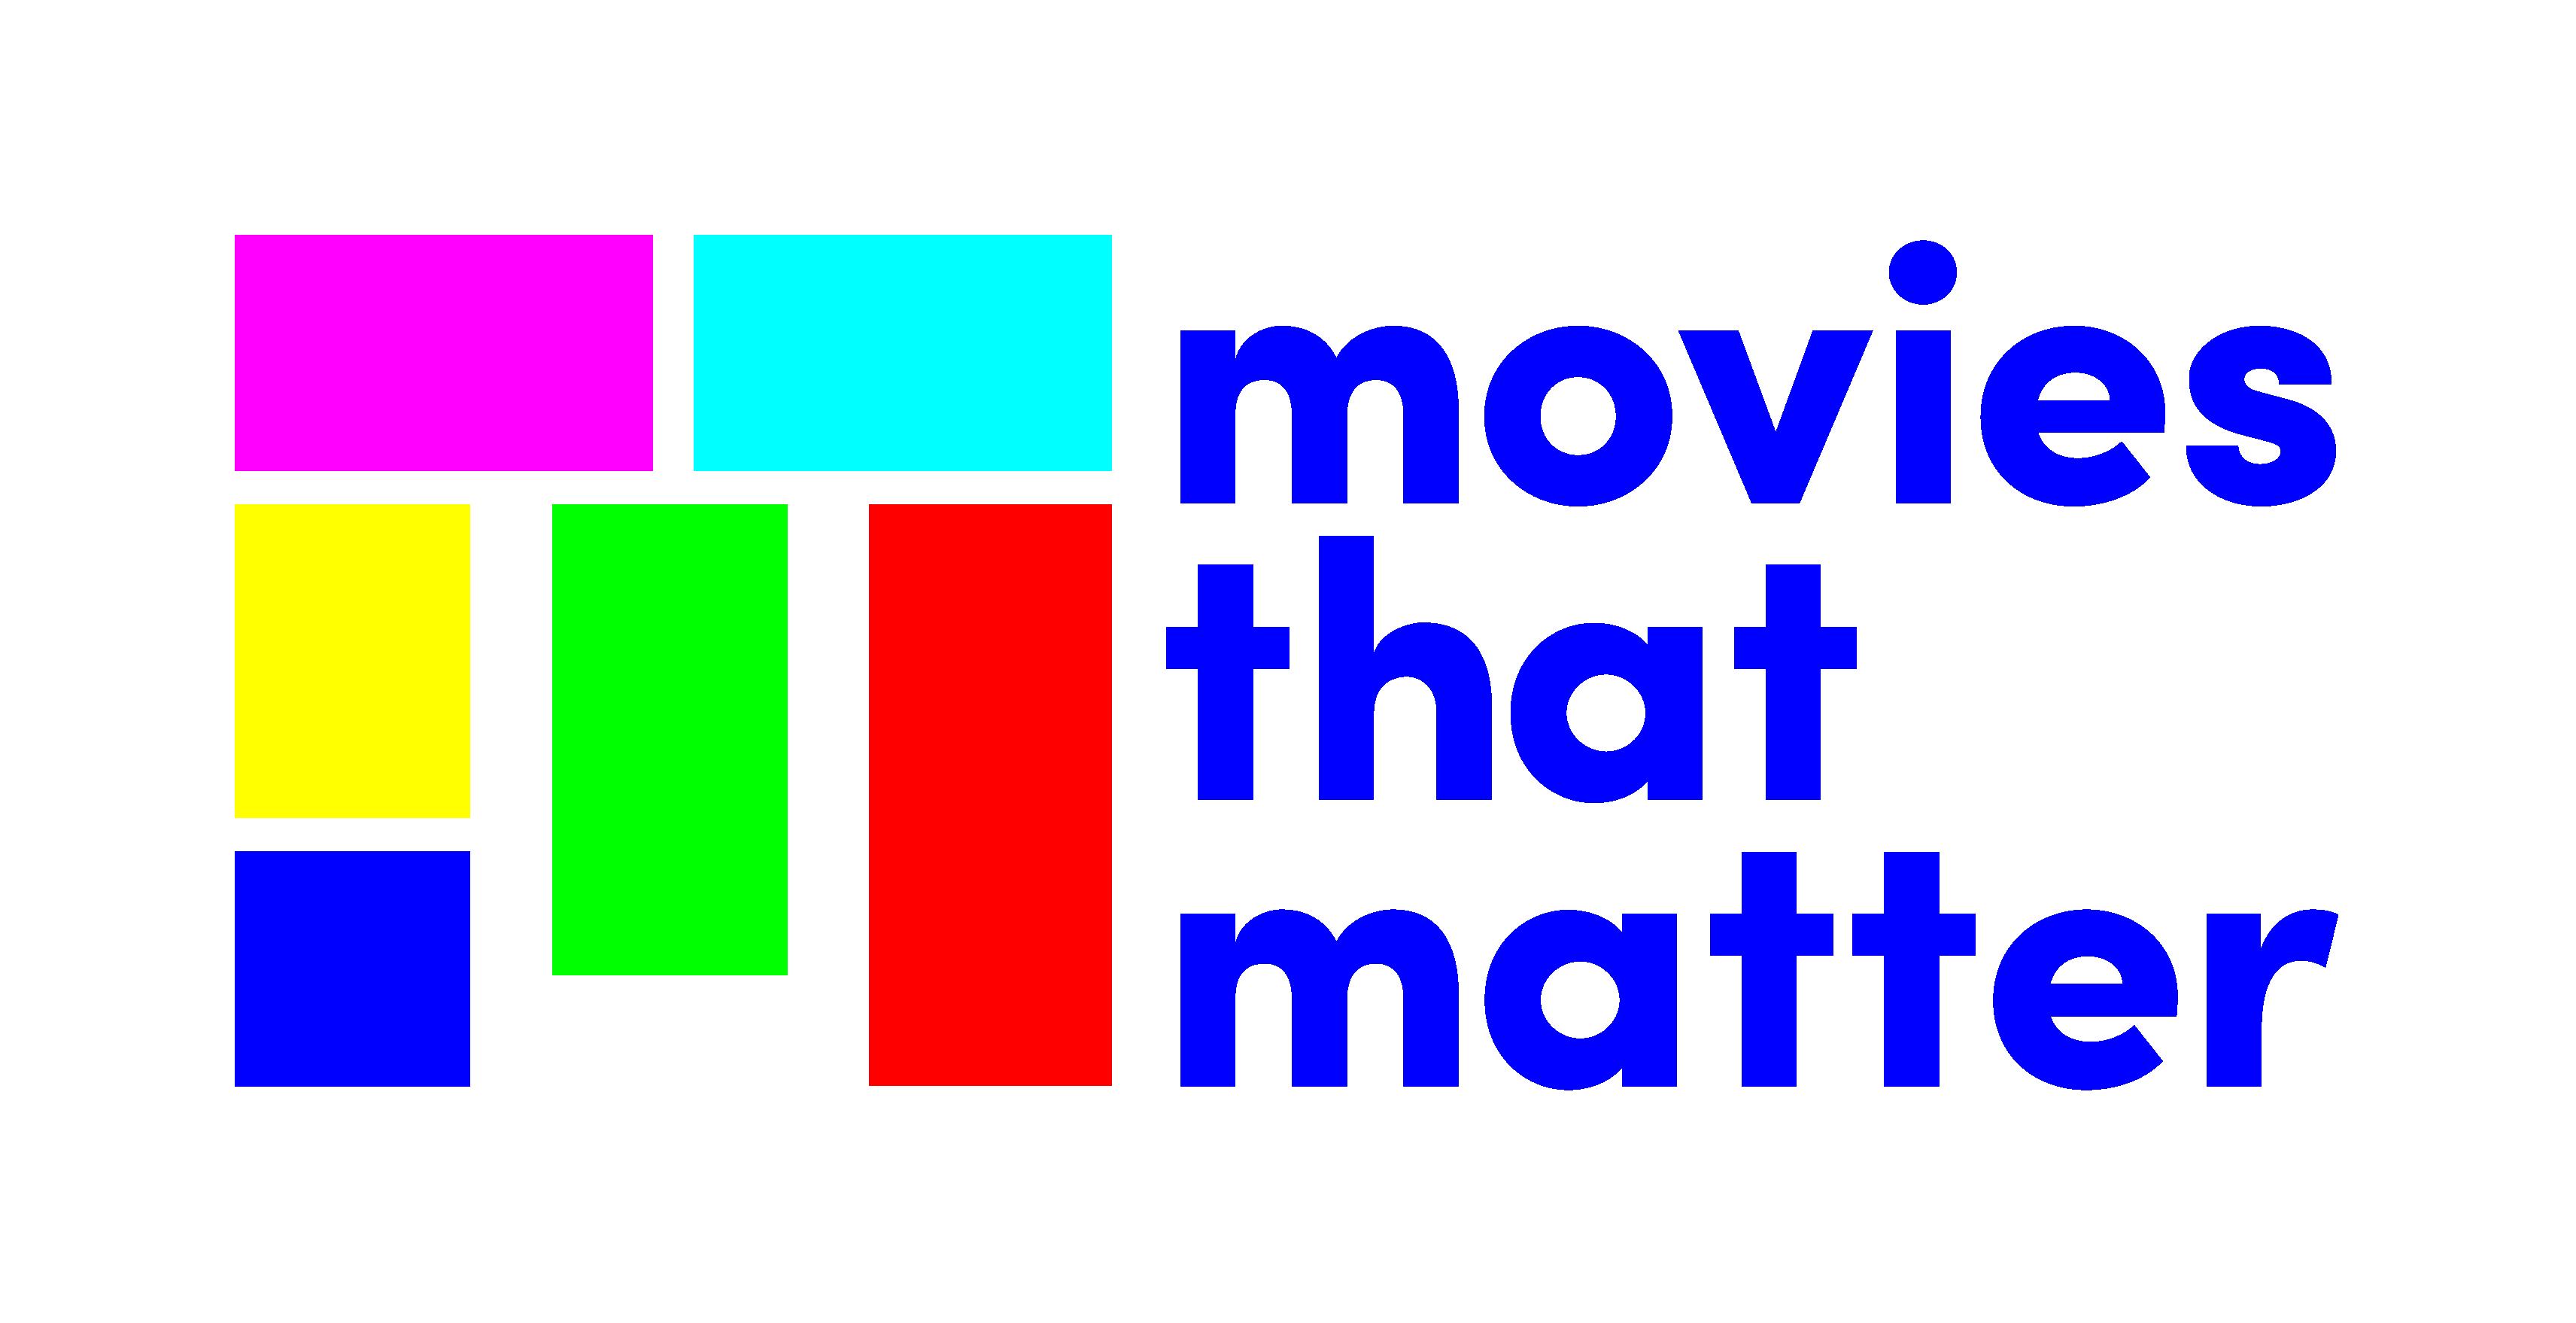 Movies that Matter | Wij openen ogen voor mensenrechten